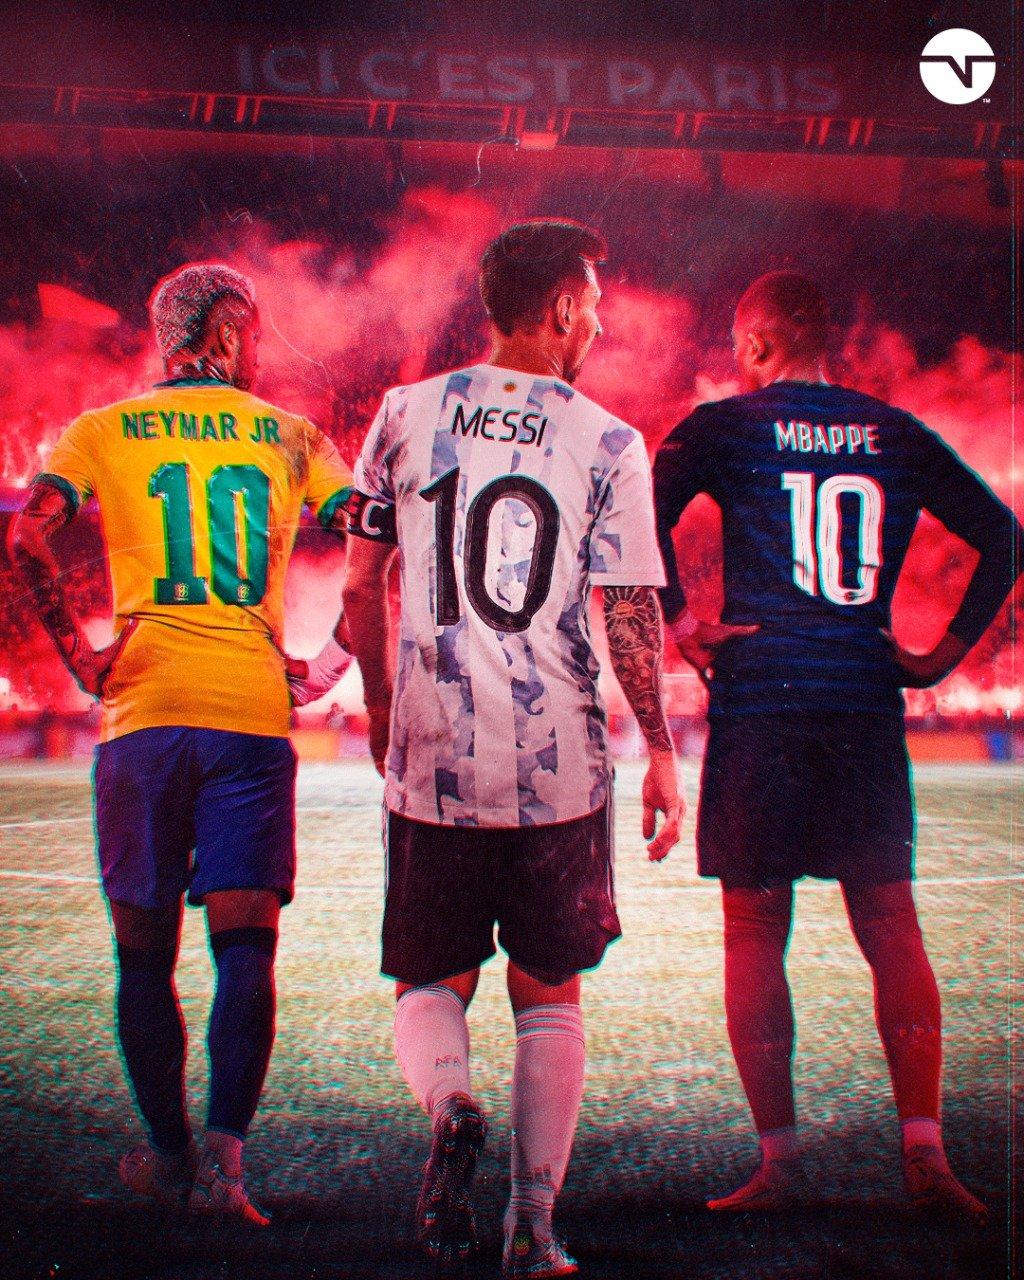 PSG agora terá trio que promete render R$ 742 milhões por temporada - Foto: TNT